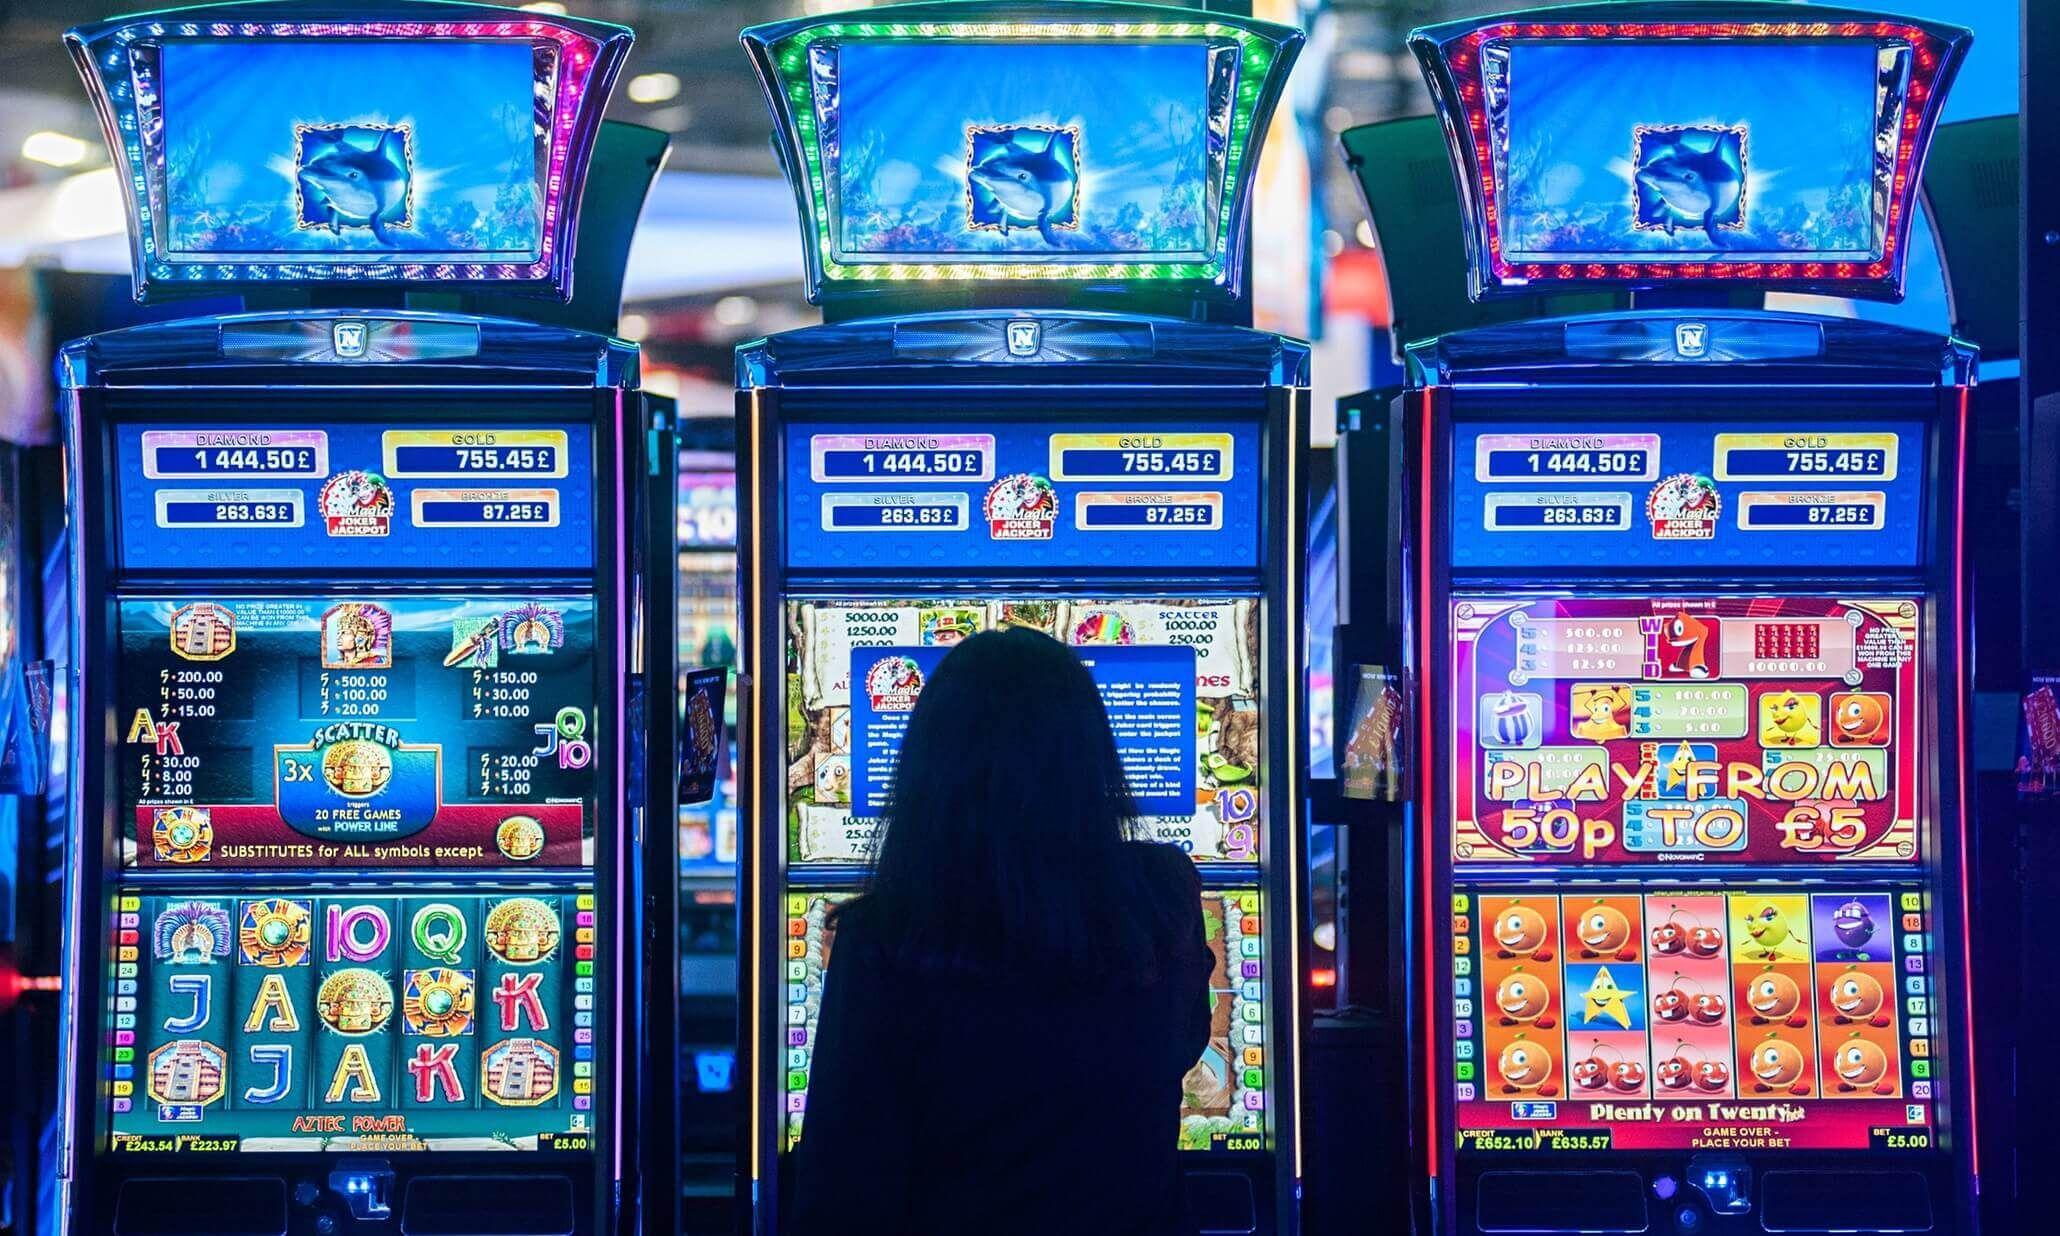 Скачать, tcgkfnyj игровые автоматы на компьютер ch заработок онлайн казино онлайн моя работа в контакте